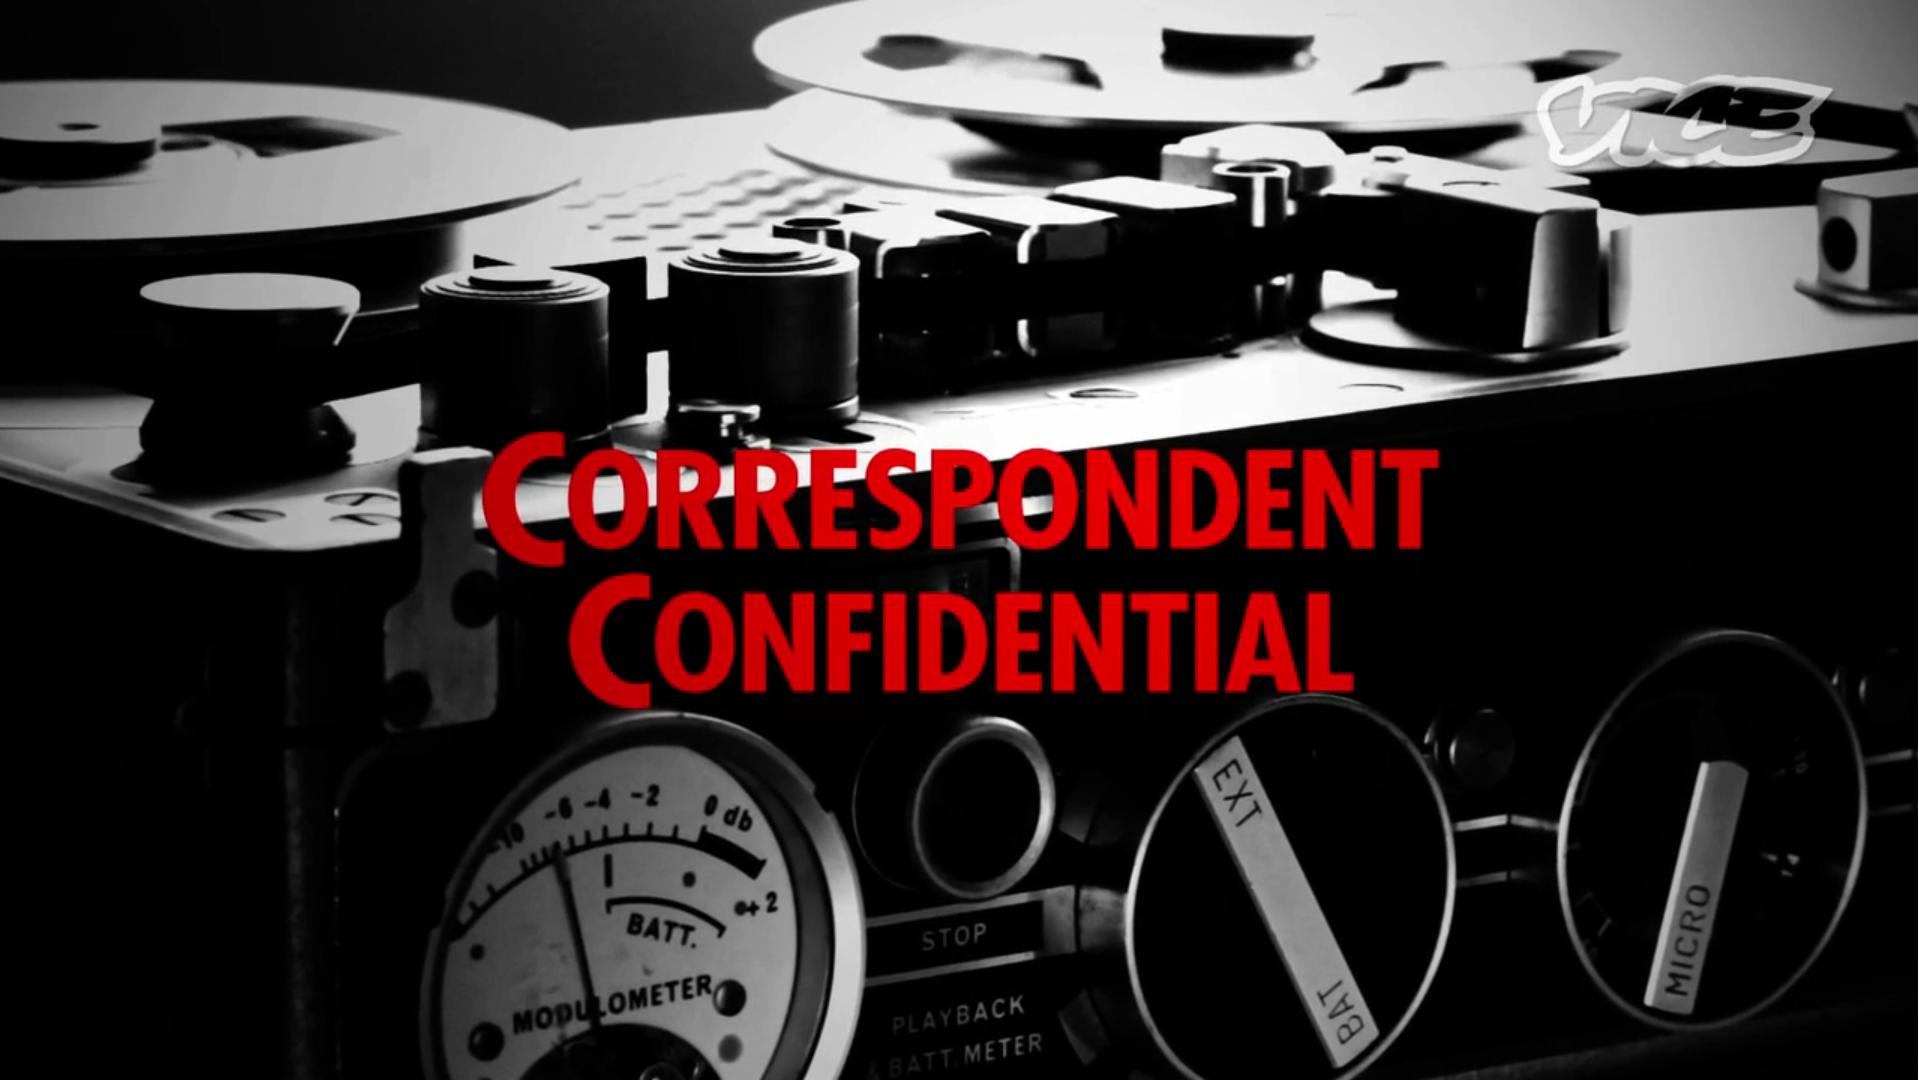 correspondent confidential